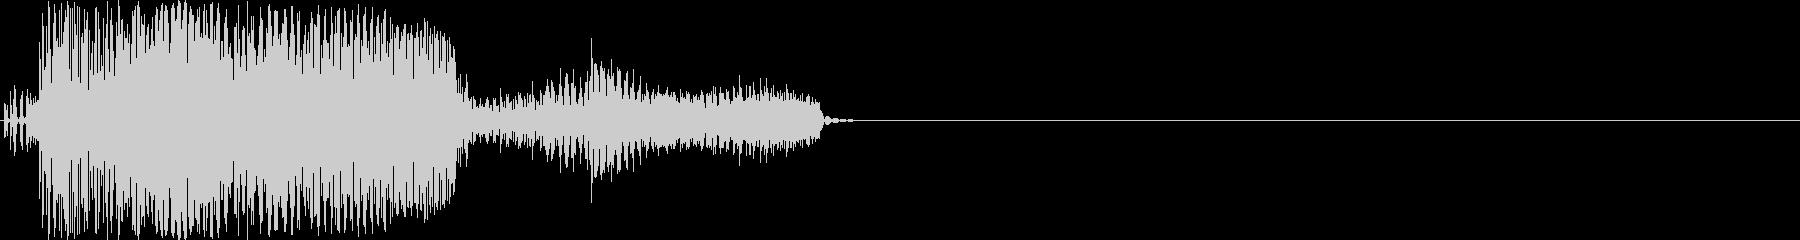 歪み系 KICK+BASSの未再生の波形